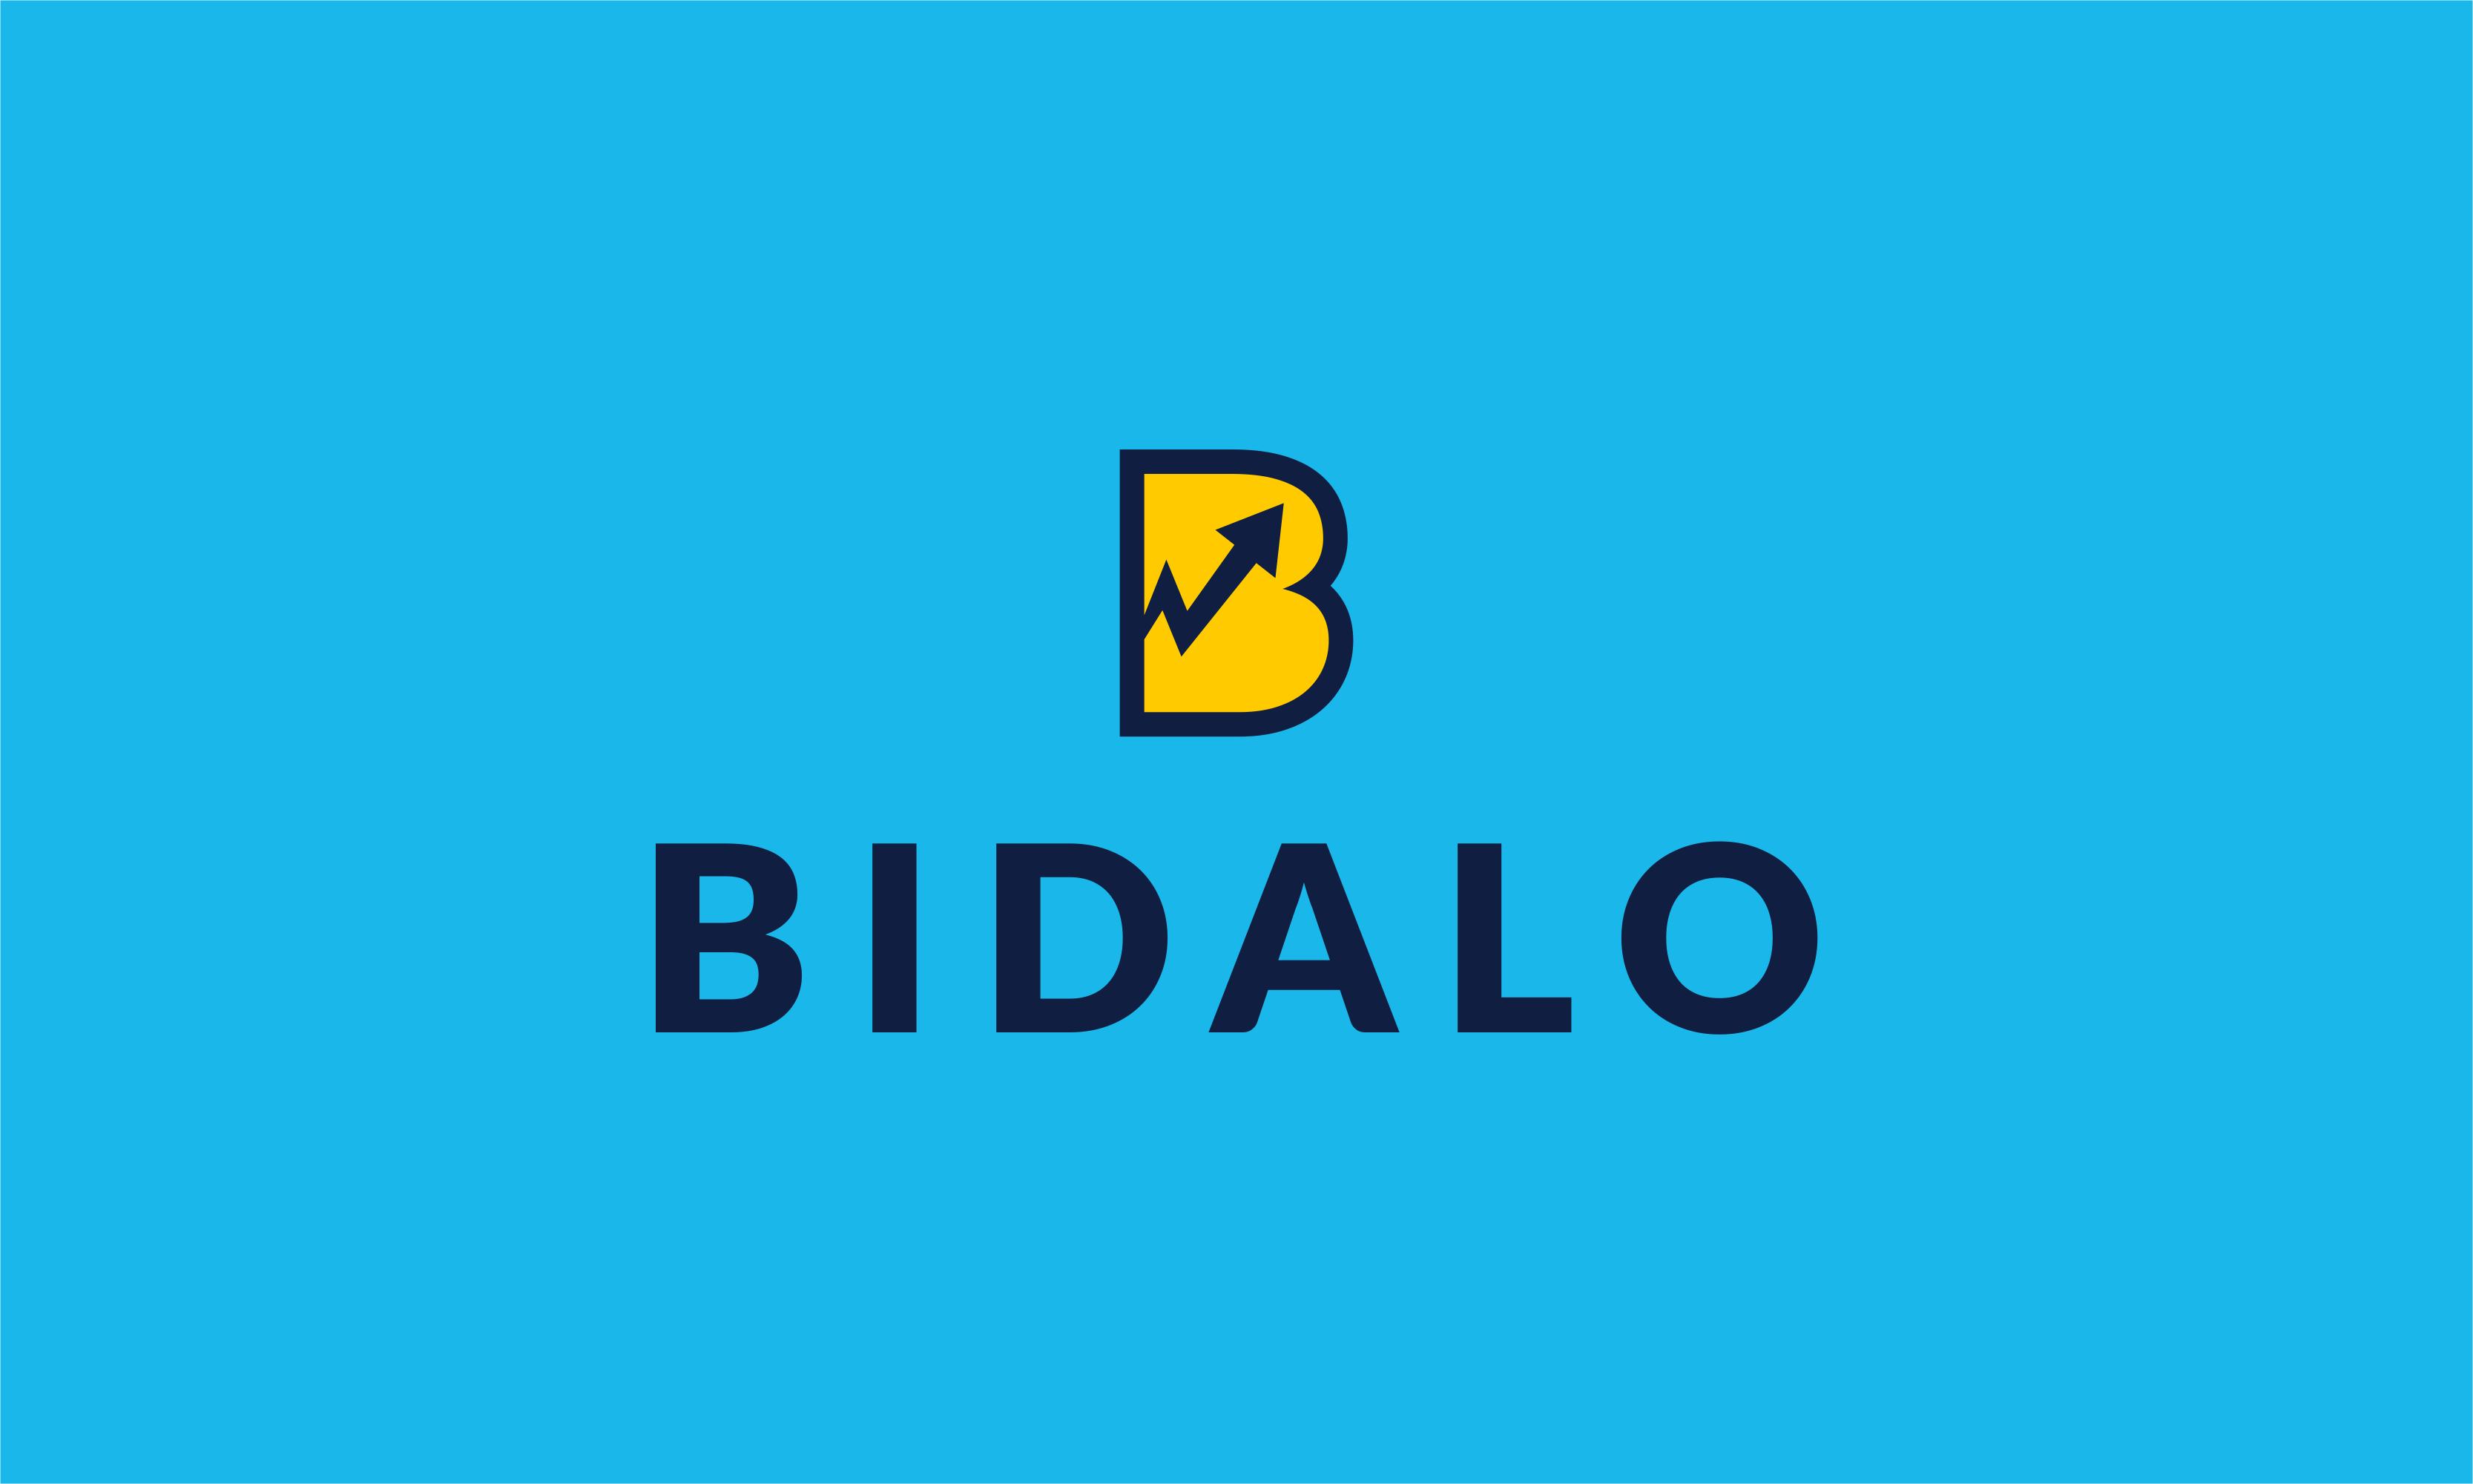 Bidalo